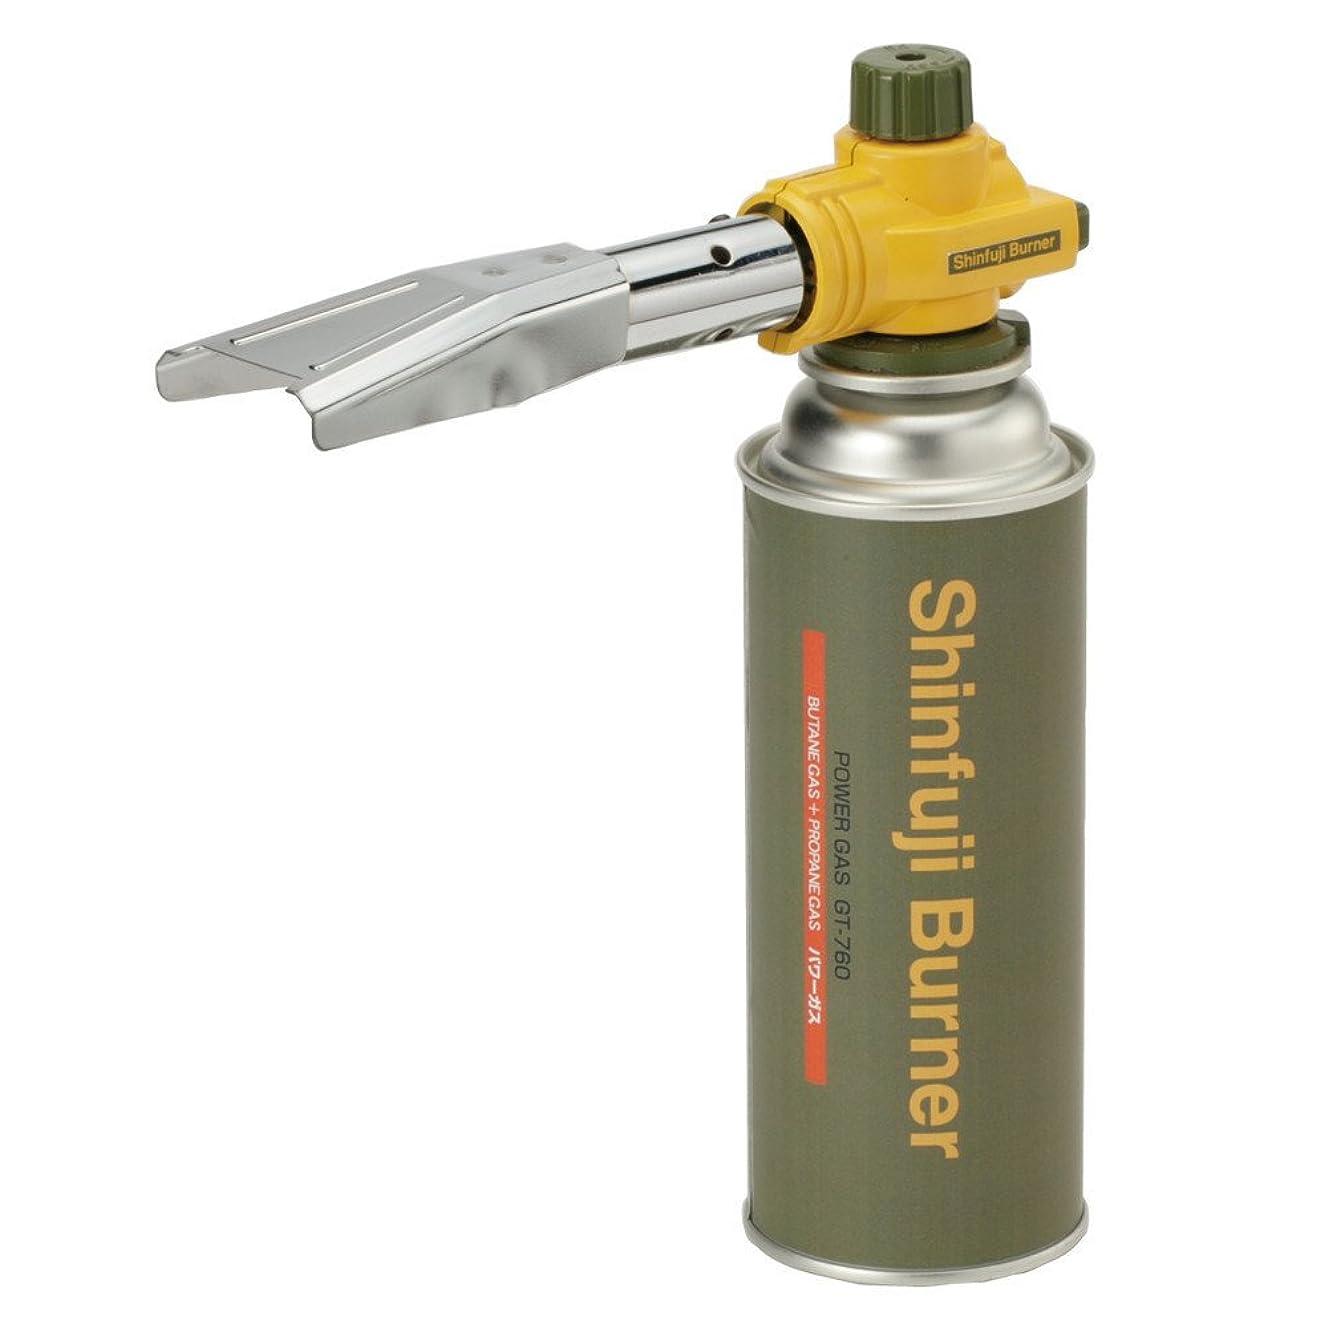 八ポケット毎月新富士バーナー 草焼きバーナー(害虫駆除対応) CB(カセットボンベ)HYPER KB-120